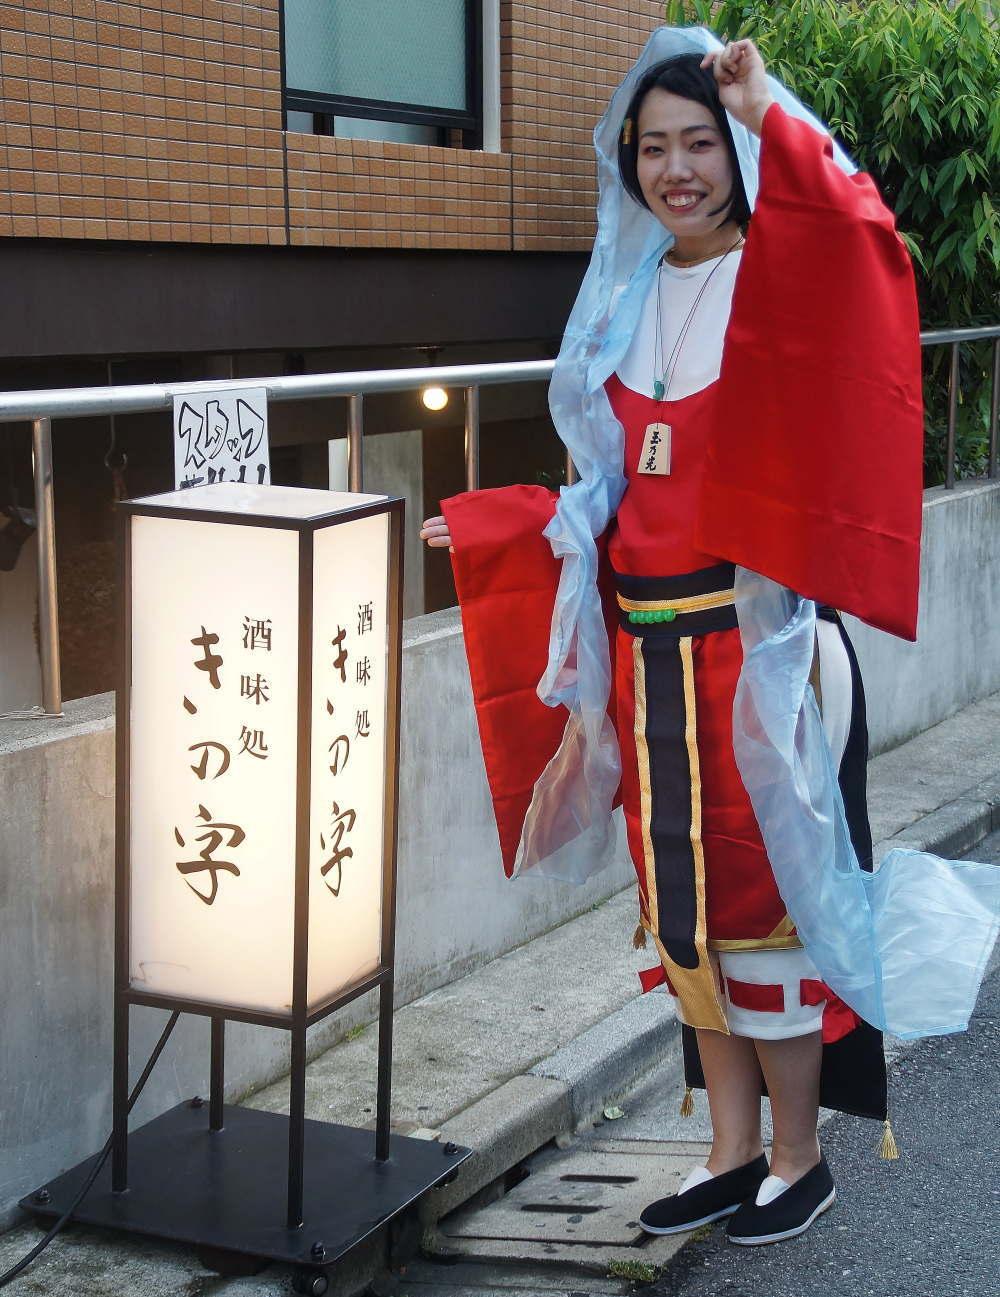 神酒ノ尊-ミキノミコト- 玉乃光のコスプレ